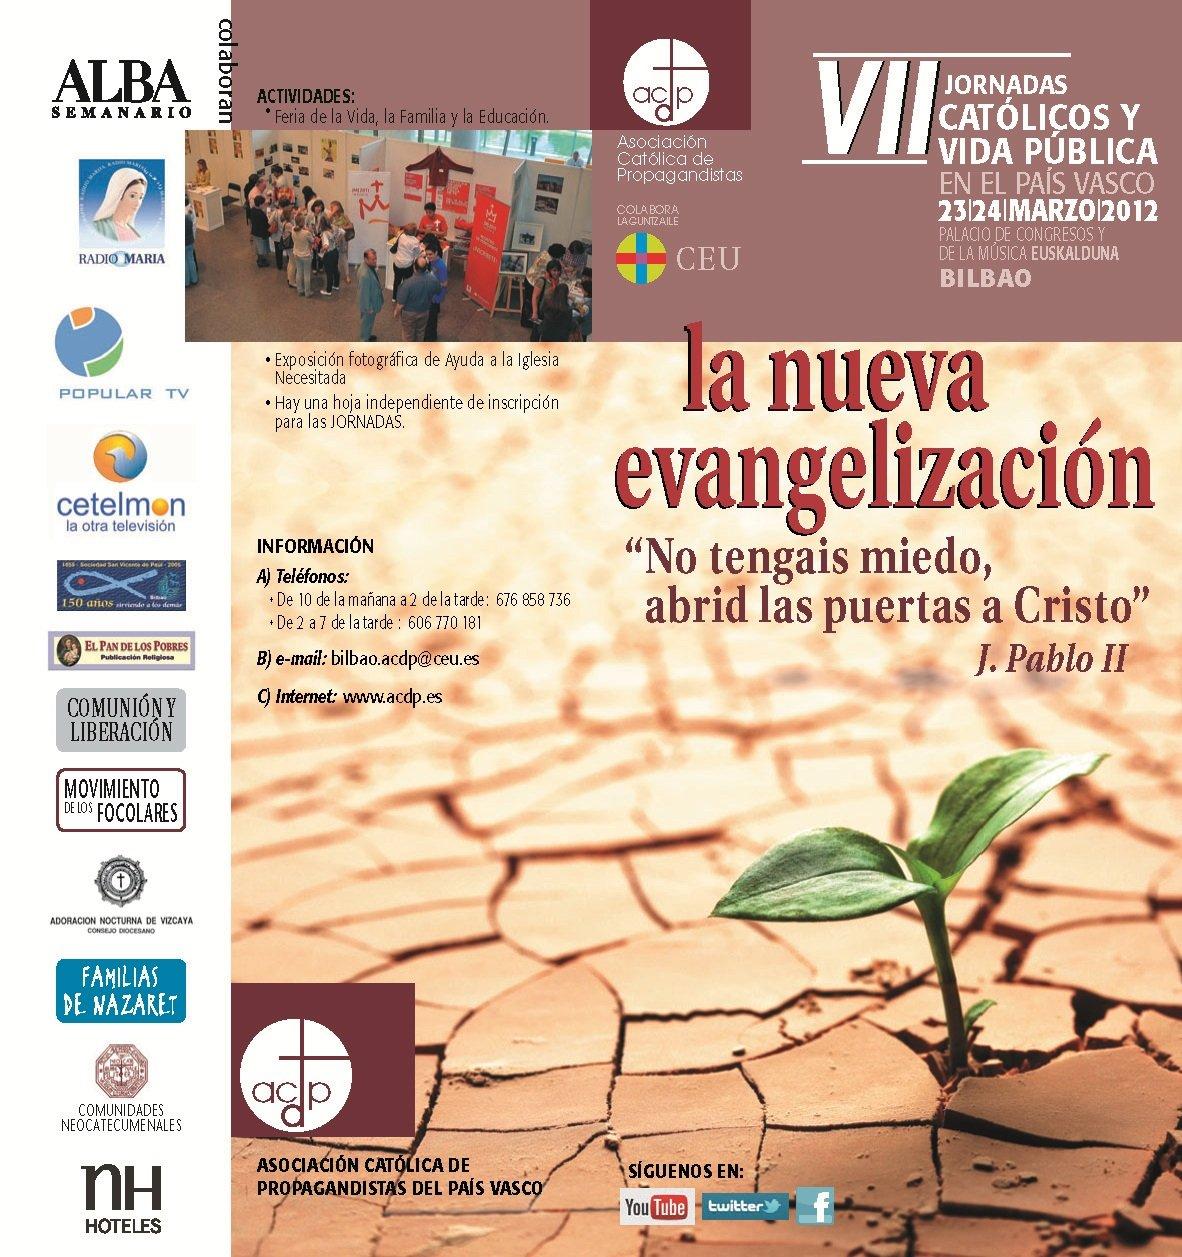 Bilbao acoge las VII Jornadas de Católicos y Vida Pública